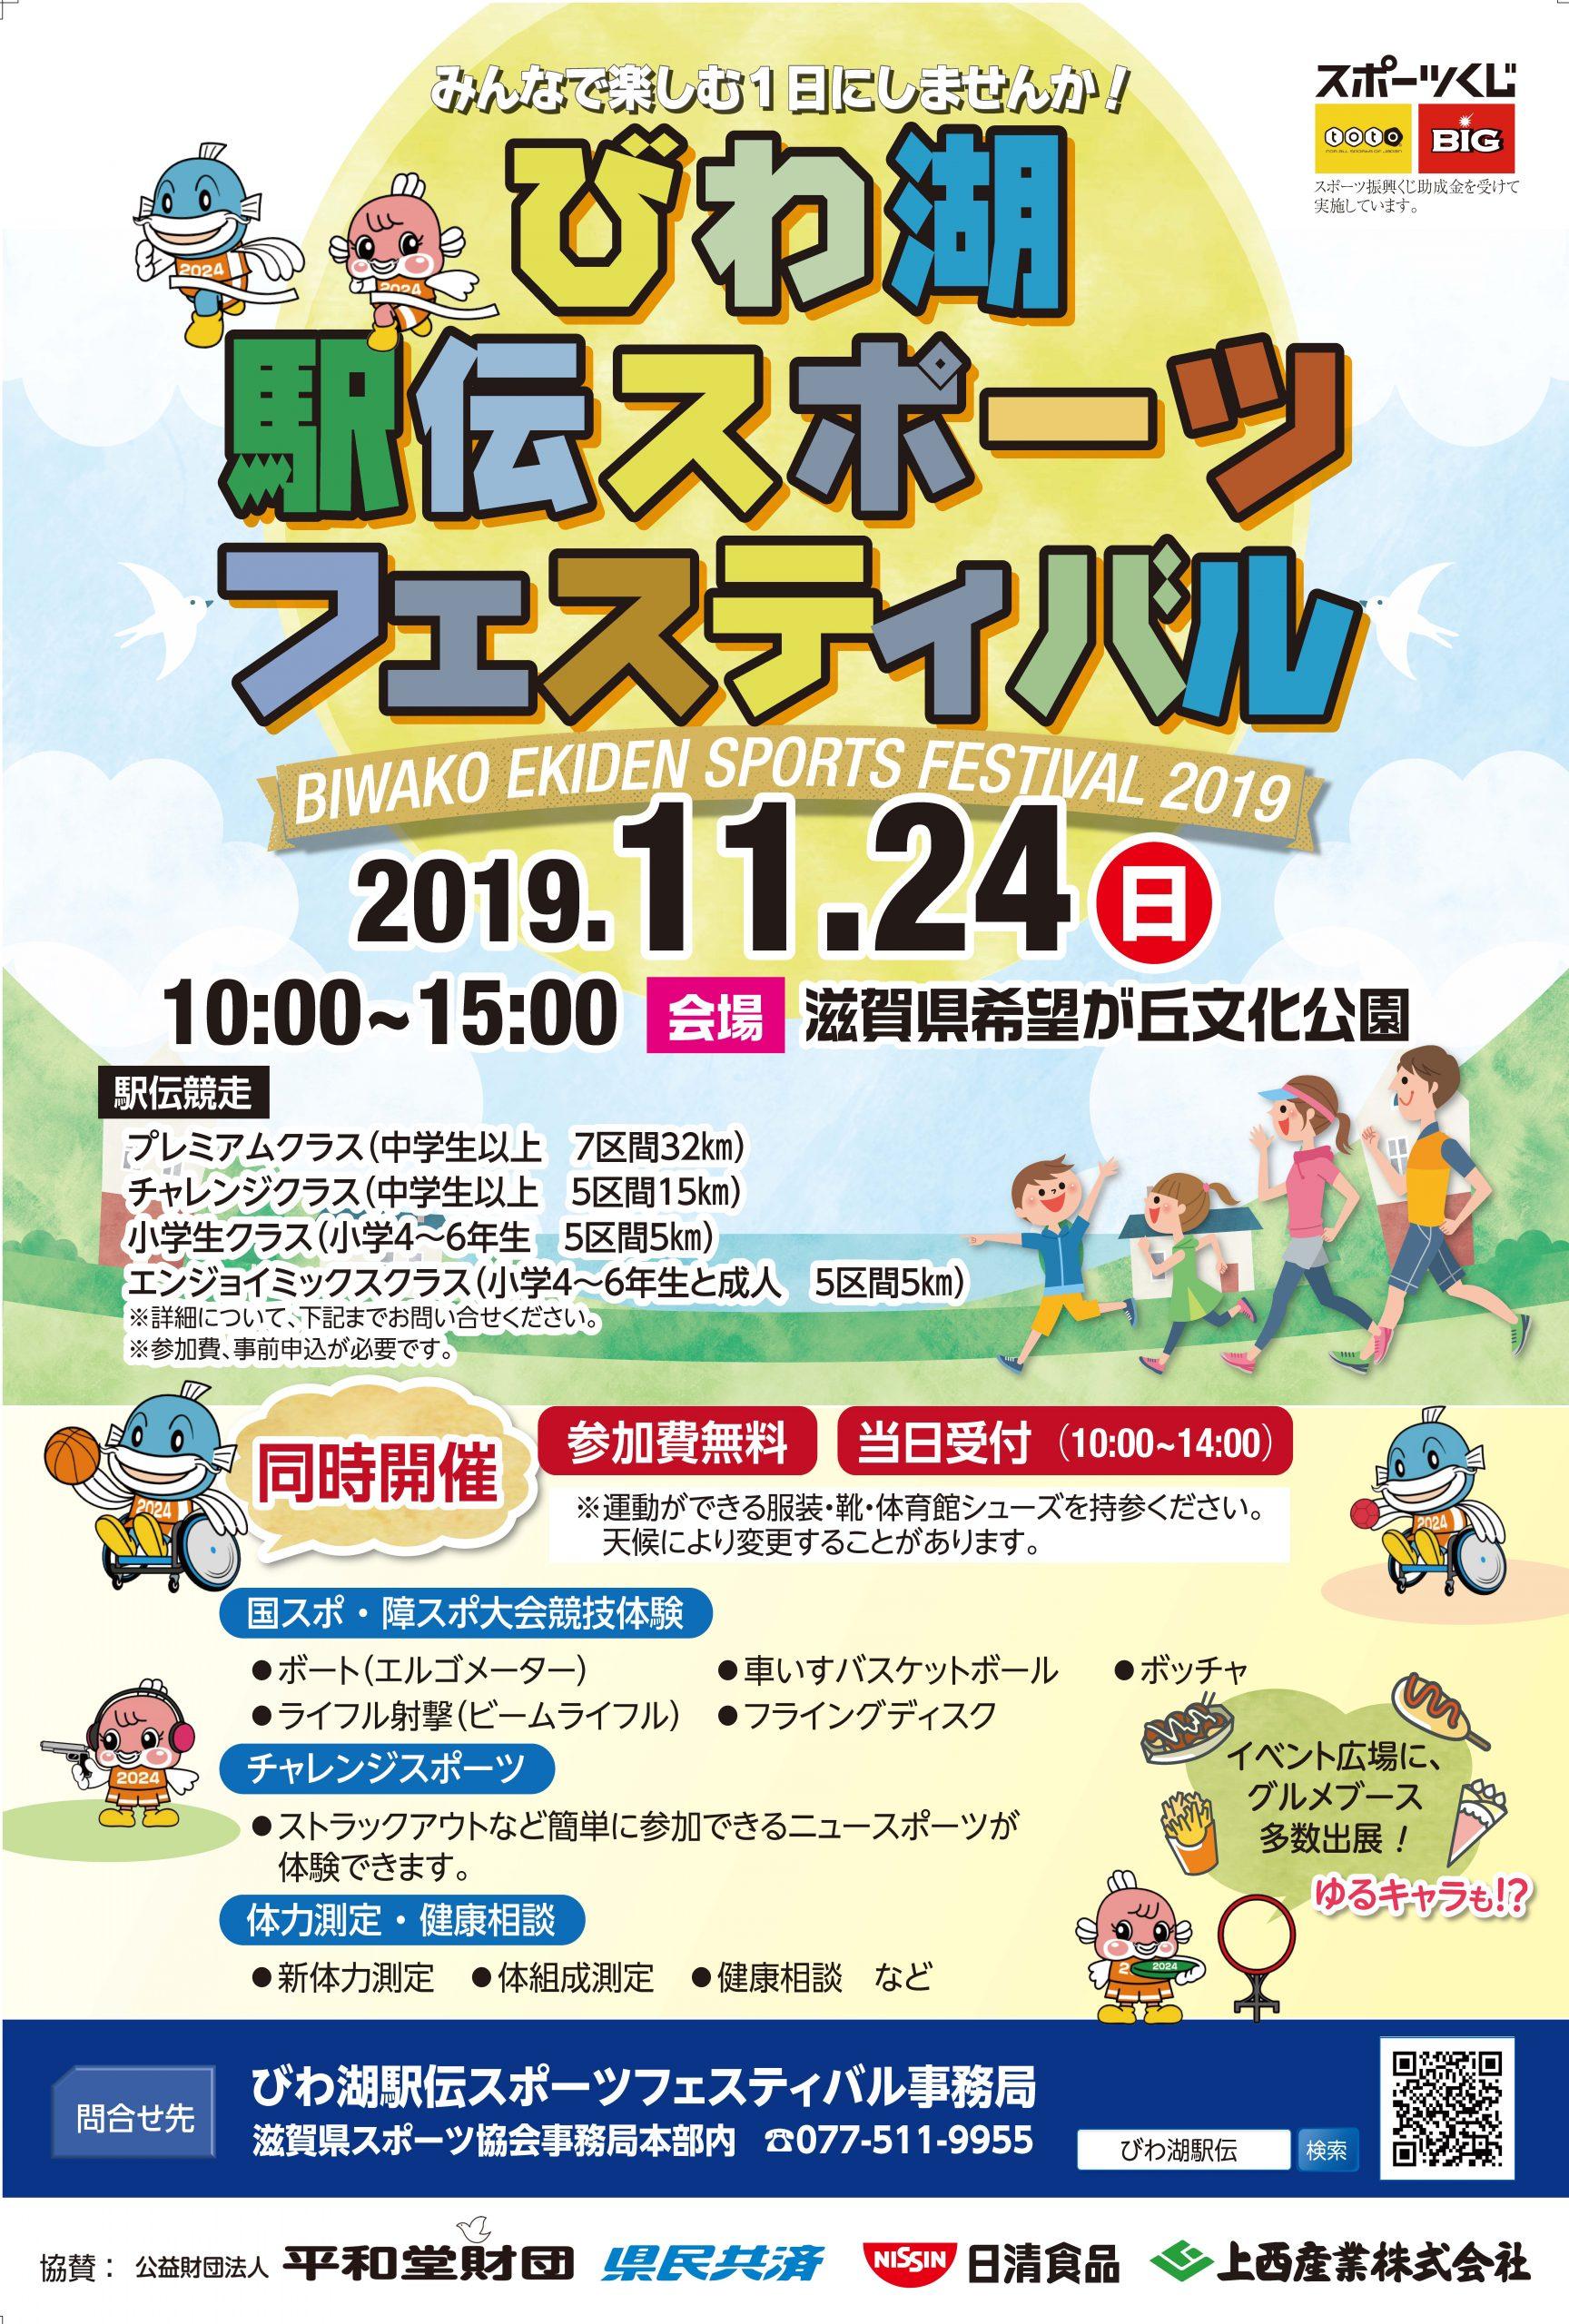 びわ湖駅伝スポーツフェスティバル2019大会結果